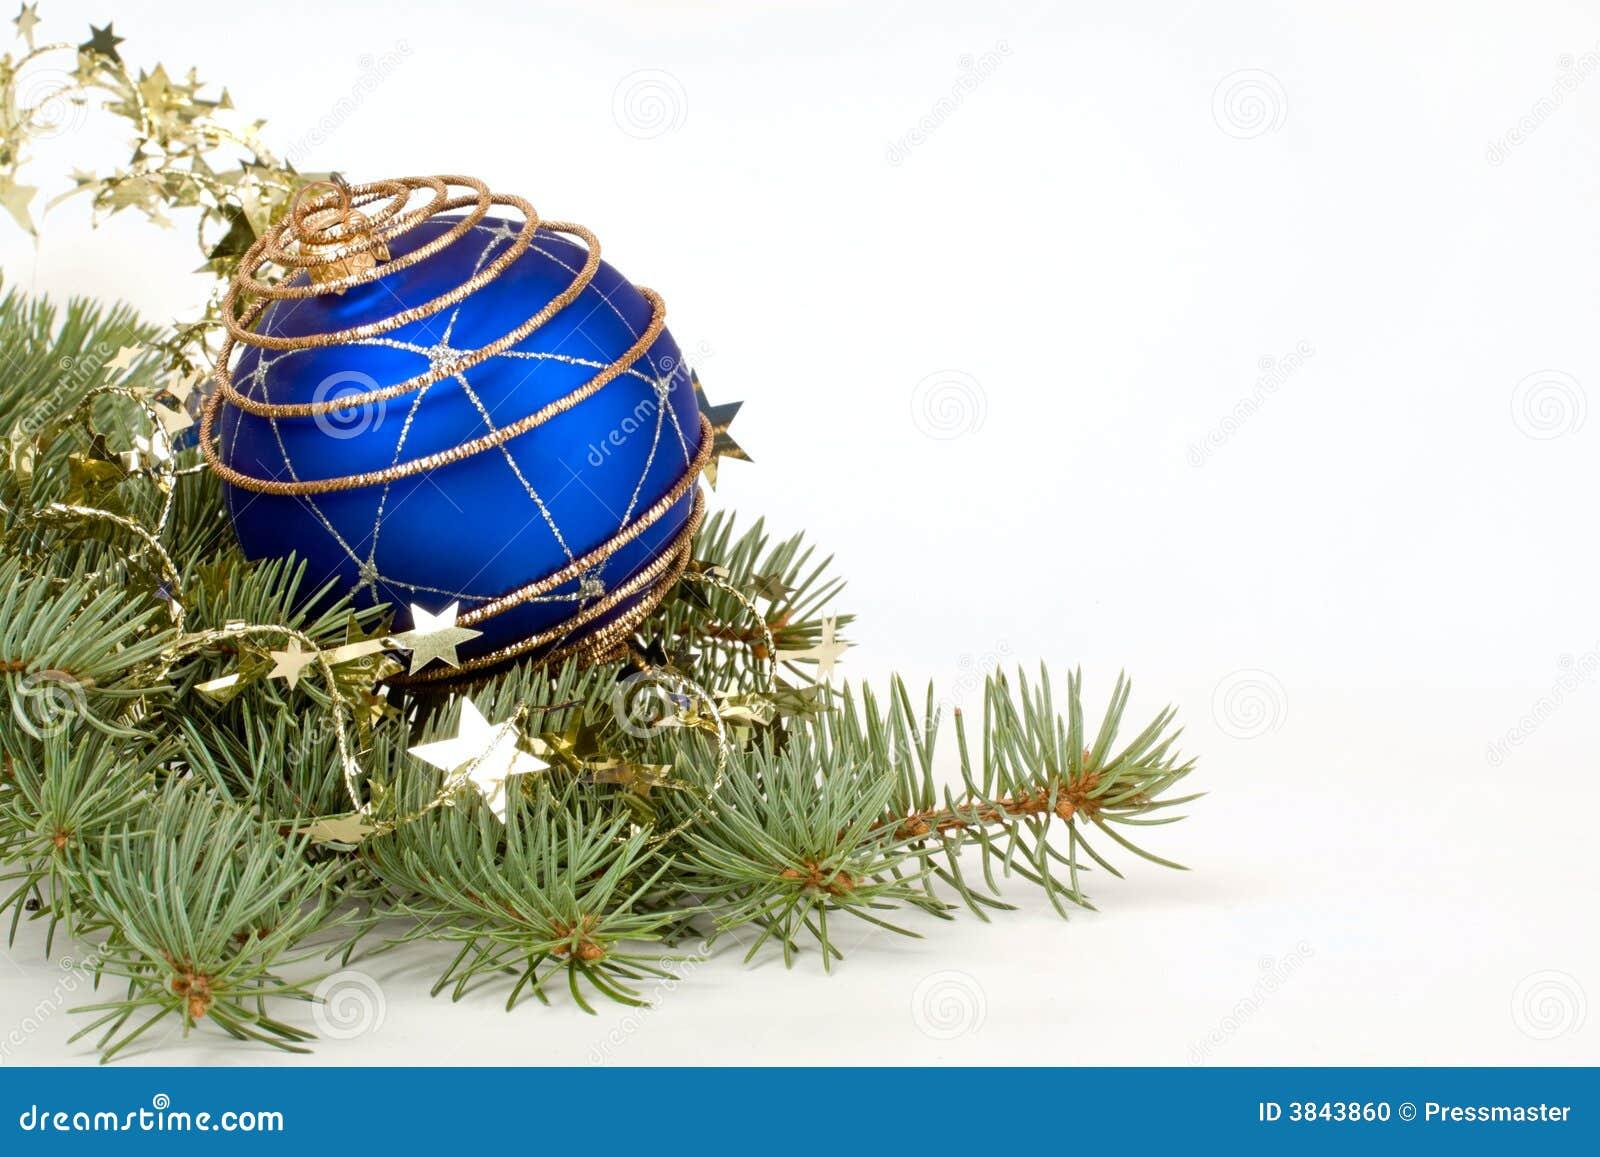 Weihnachtsbilder Mit Kugeln.Weihnachtsbild Stockfoto Bild Von Frech Tanne Nave 3843860